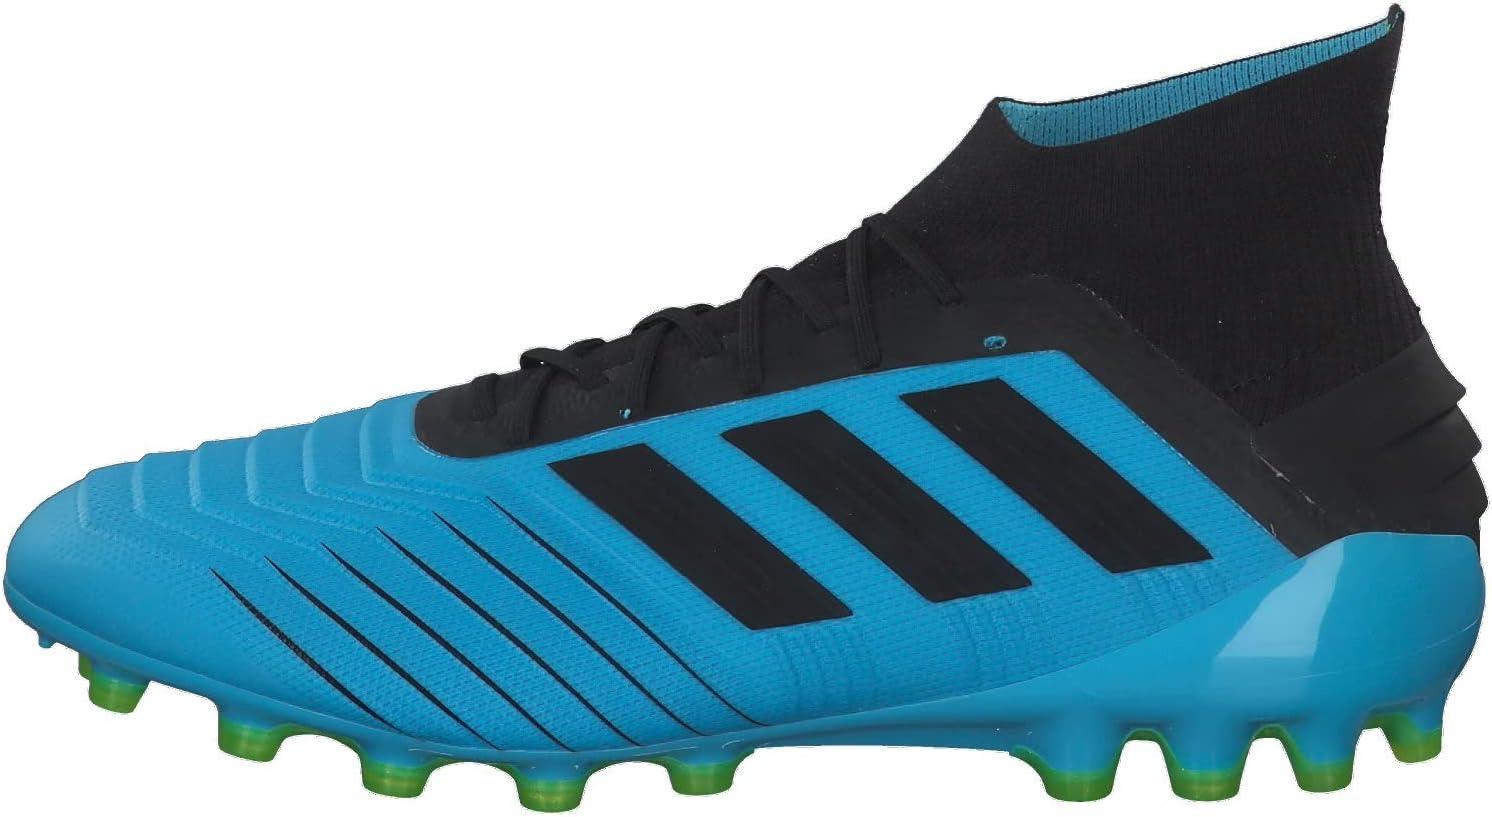 adidas Chaussures Predator 19.1 AG: Amazon.es: Deportes y aire libre